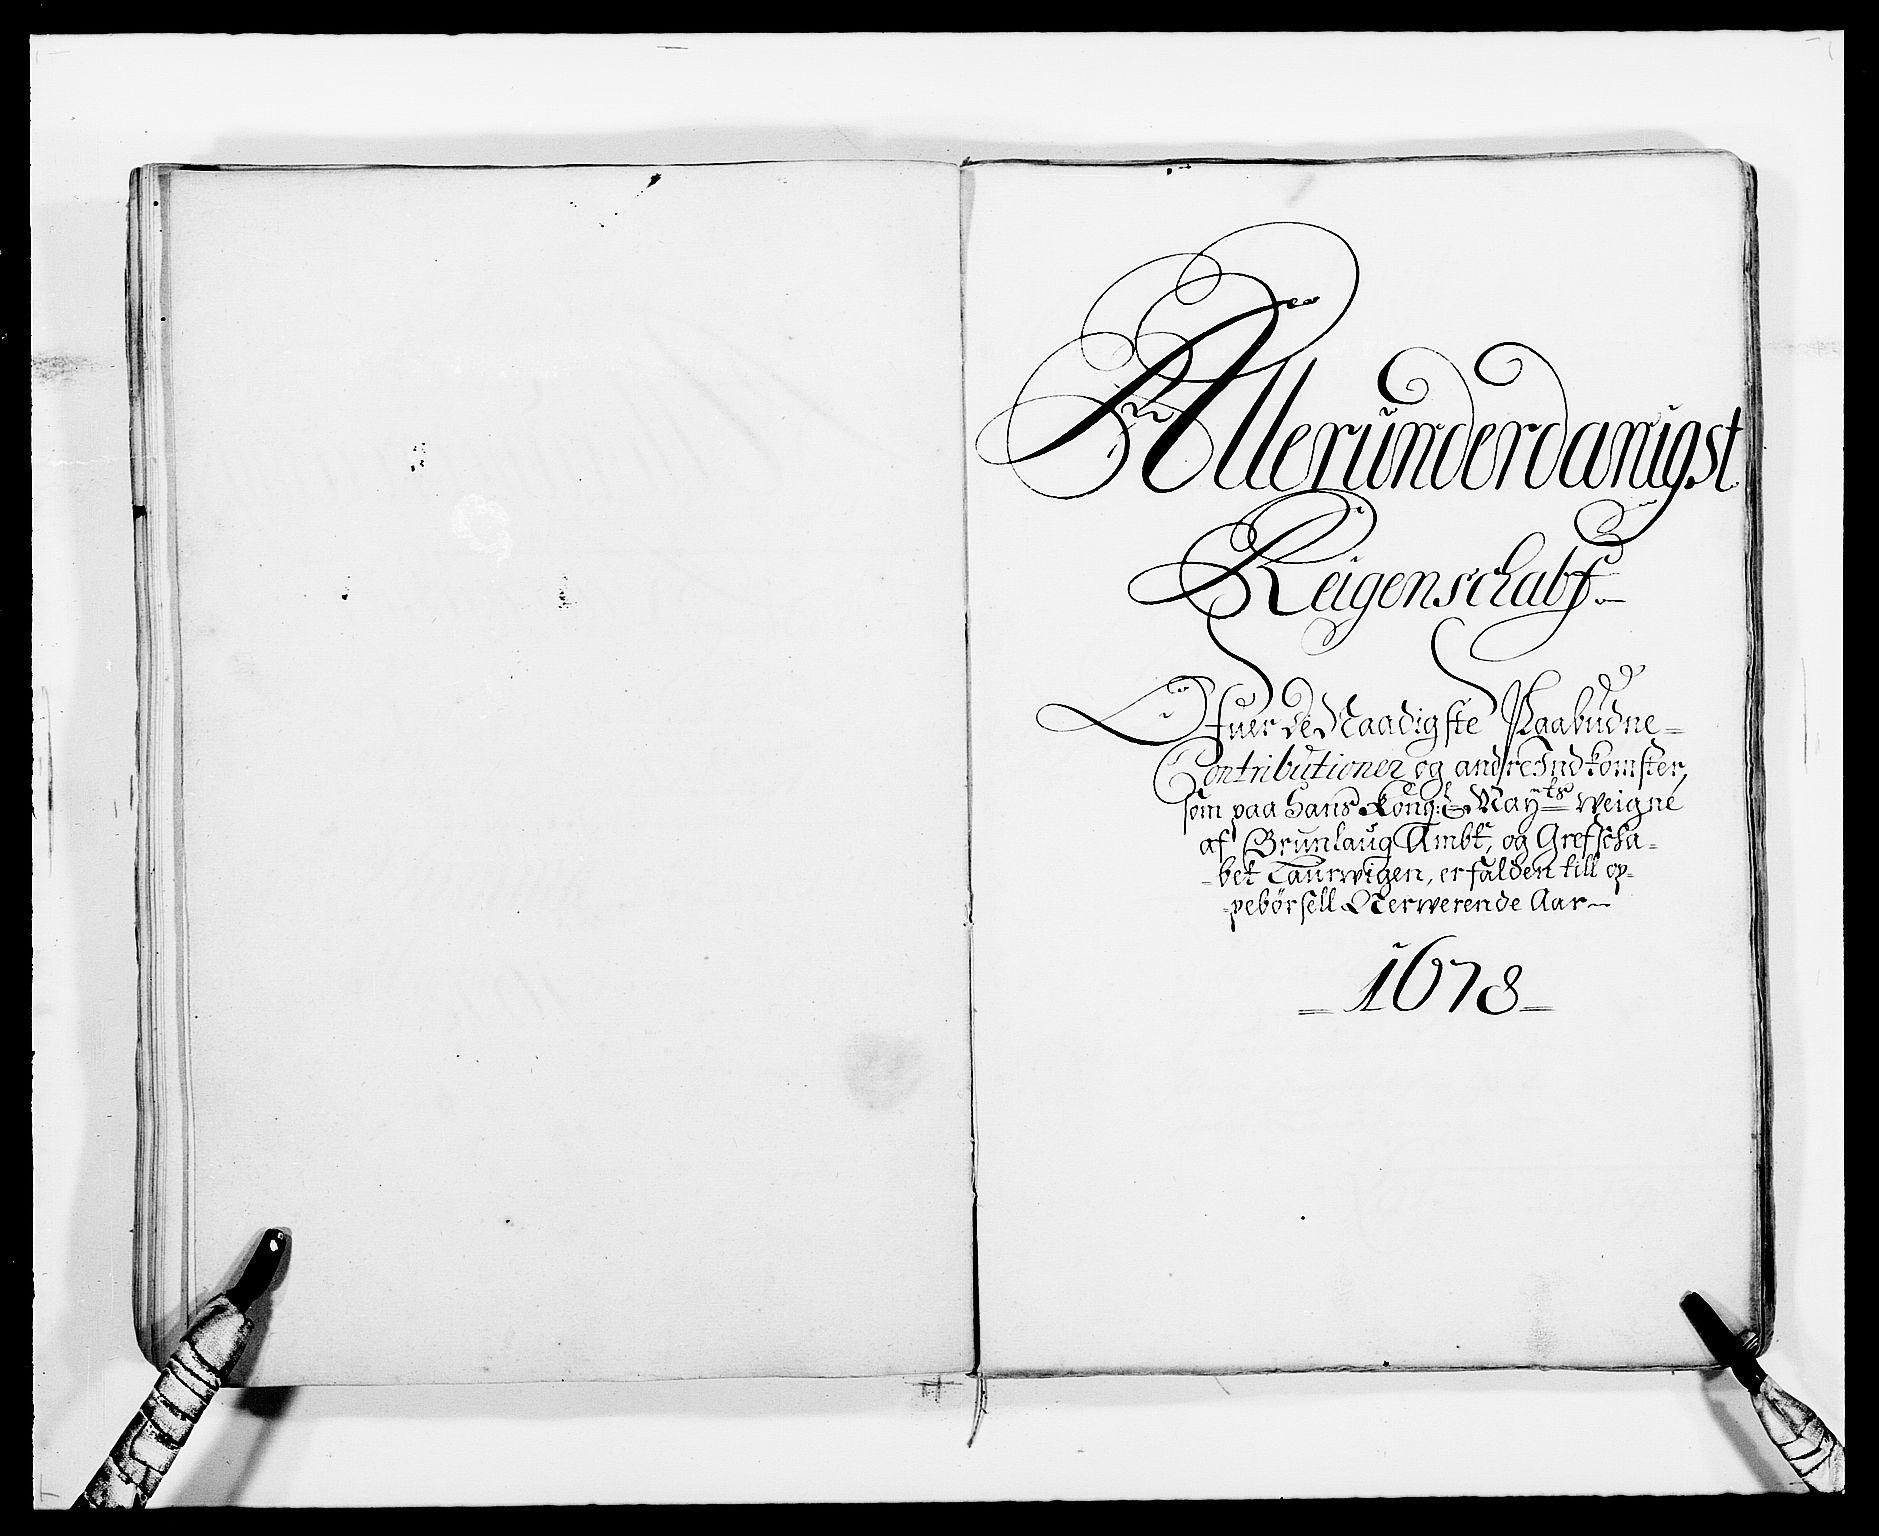 RA, Rentekammeret inntil 1814, Reviderte regnskaper, Fogderegnskap, R33/L1967: Fogderegnskap Larvik grevskap, 1675-1687, s. 29